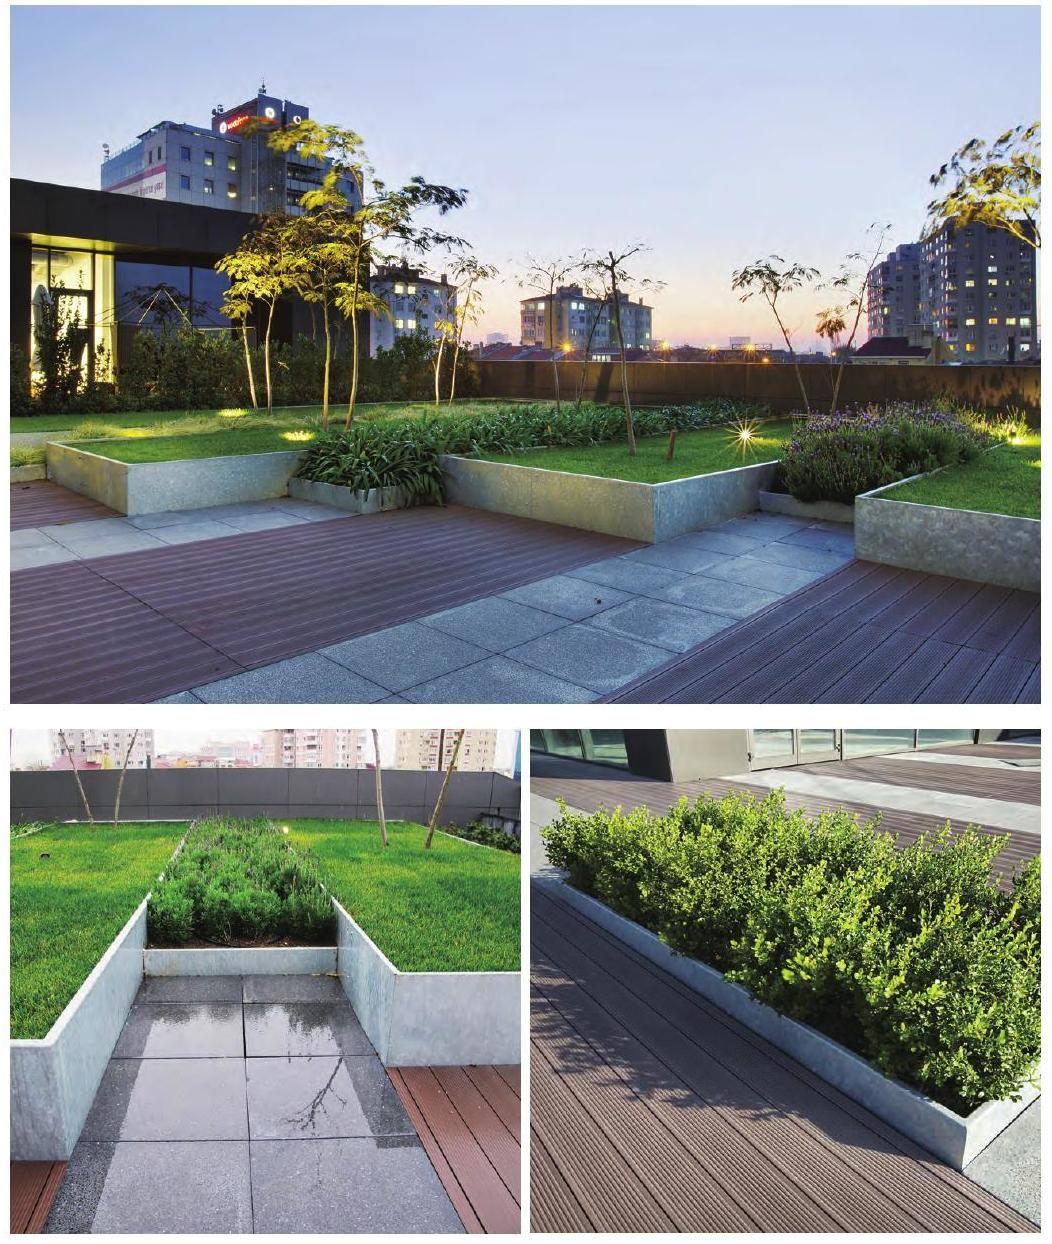 Roof Garden Landscape - World Landscape Case Studies | Roof Garden, Garden Landscaping, Garden